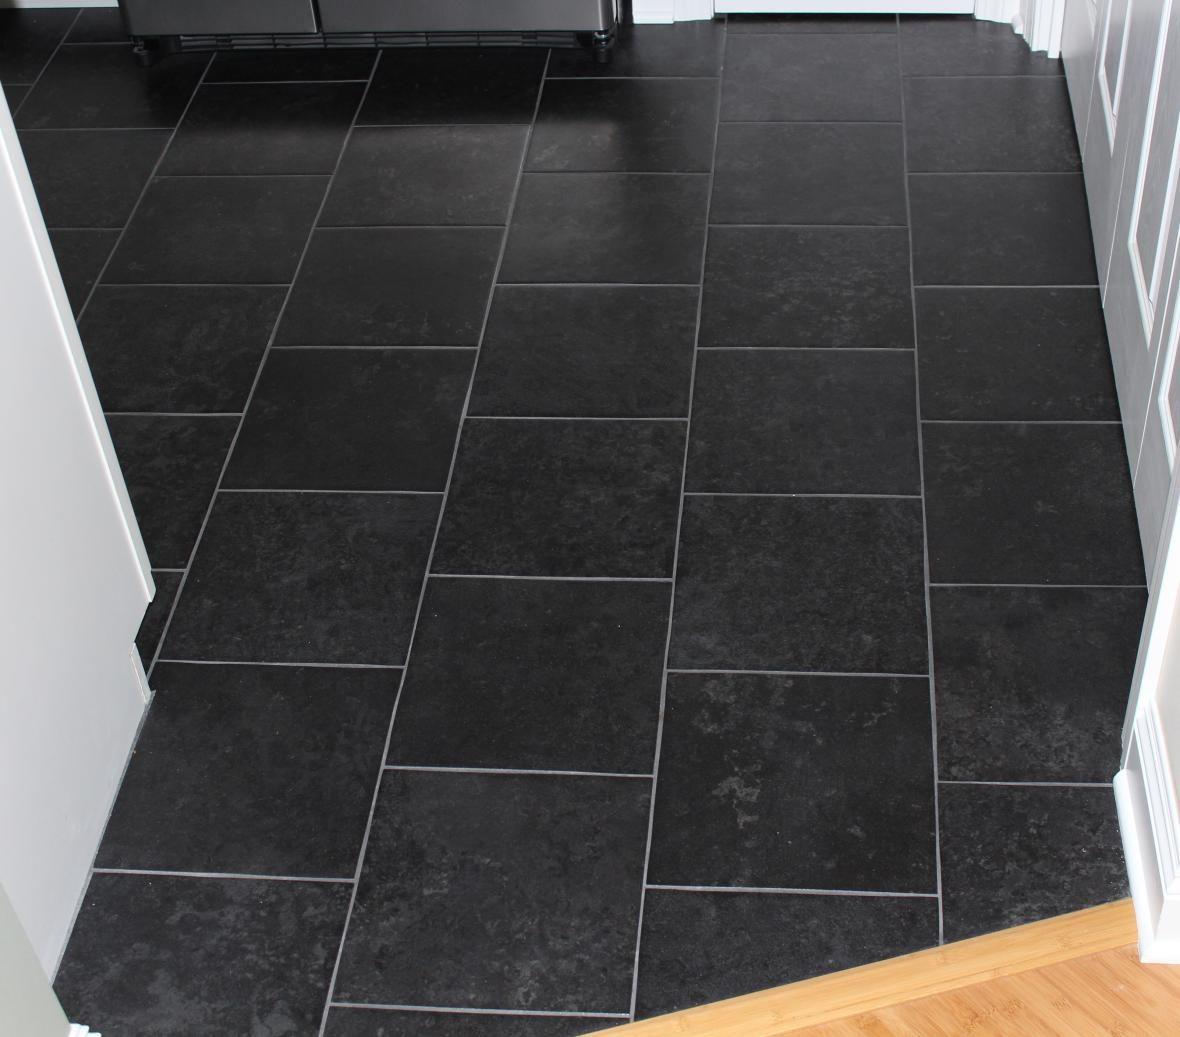 Kitchen floor tiles black photo 3 home decor pinterest kitchen floor tiles black photo 3 dailygadgetfo Images